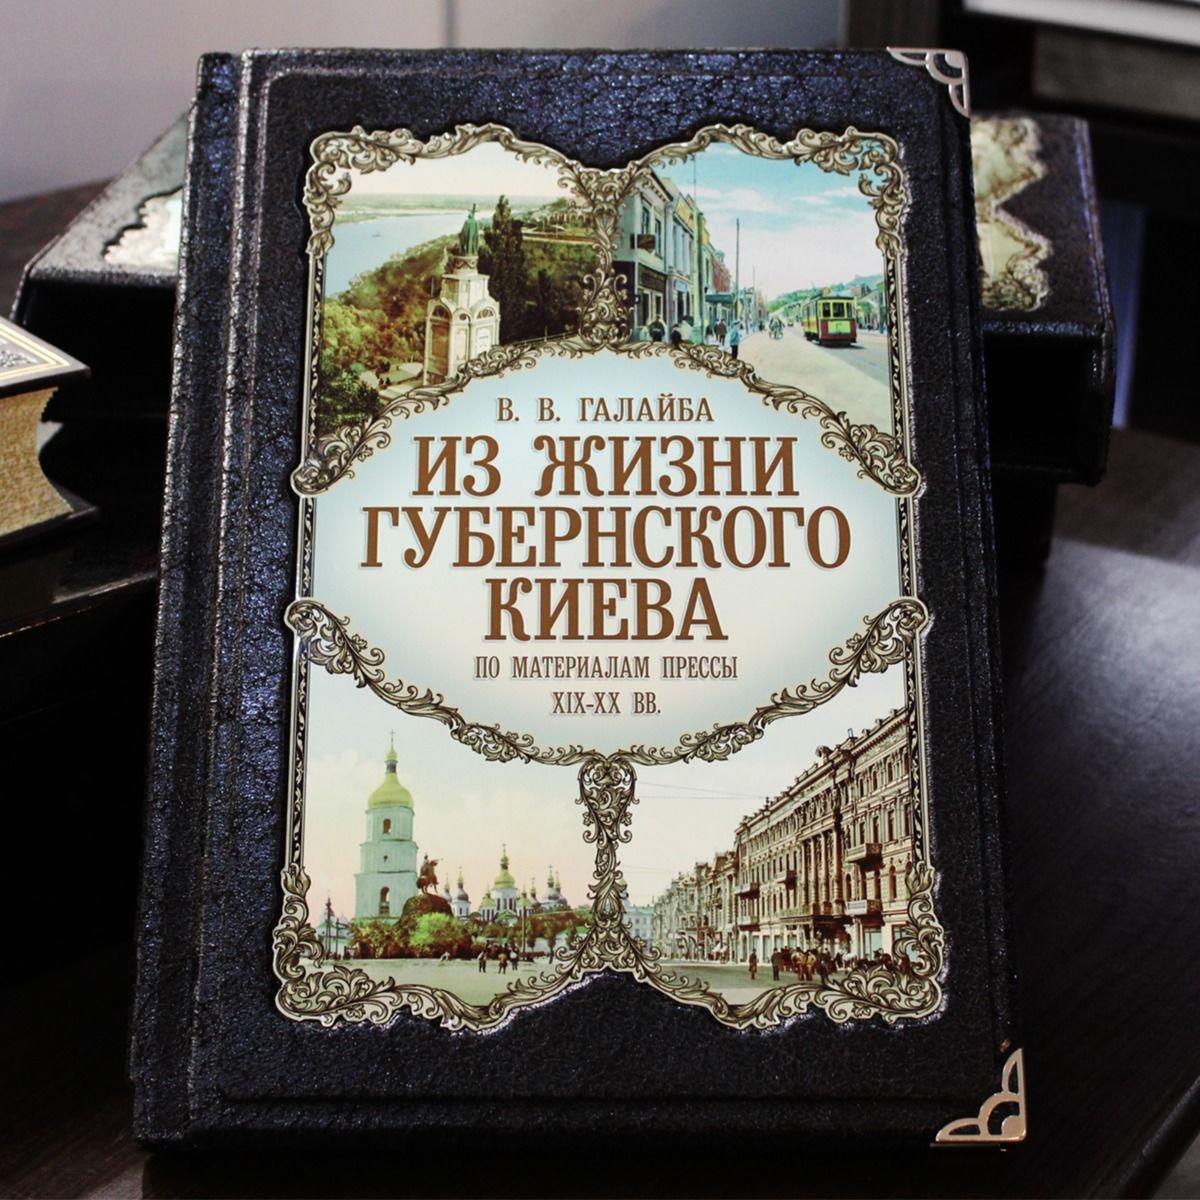 Книга про Киев в подарок